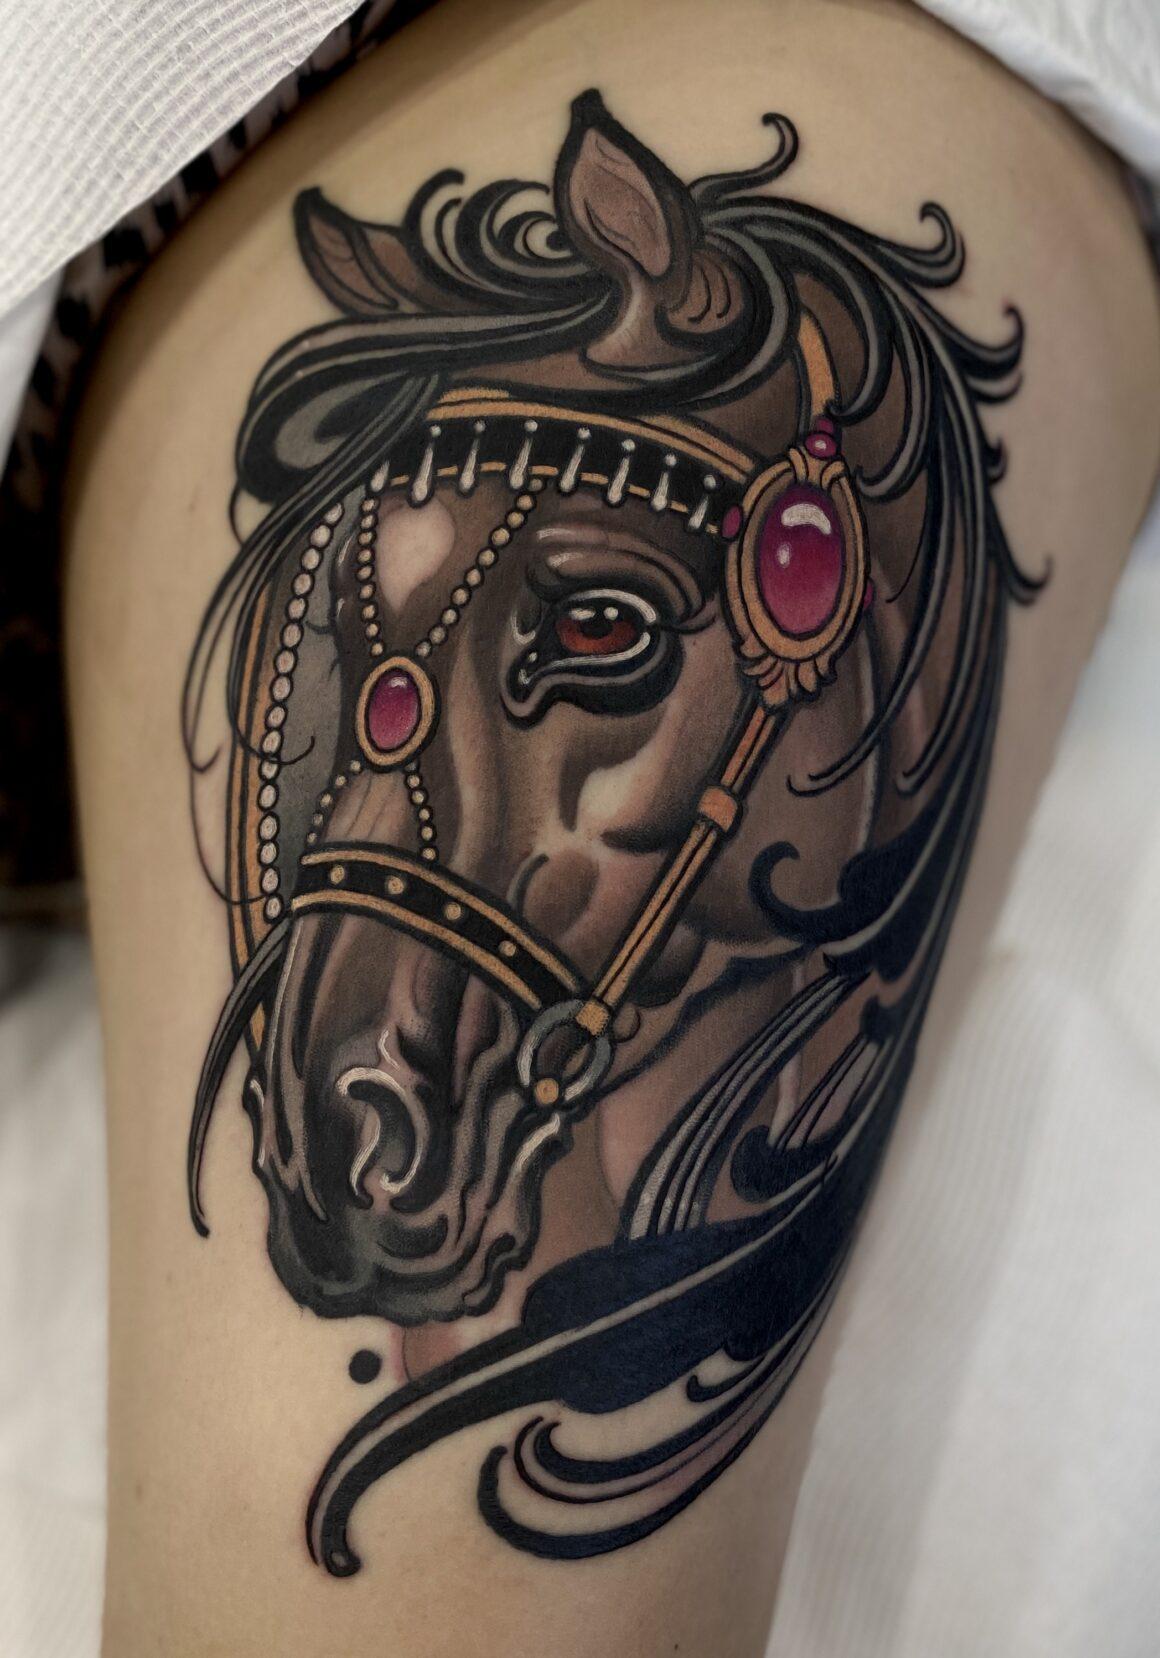 WT Norbert, Tattoo Rosie's, Sydney, Australia